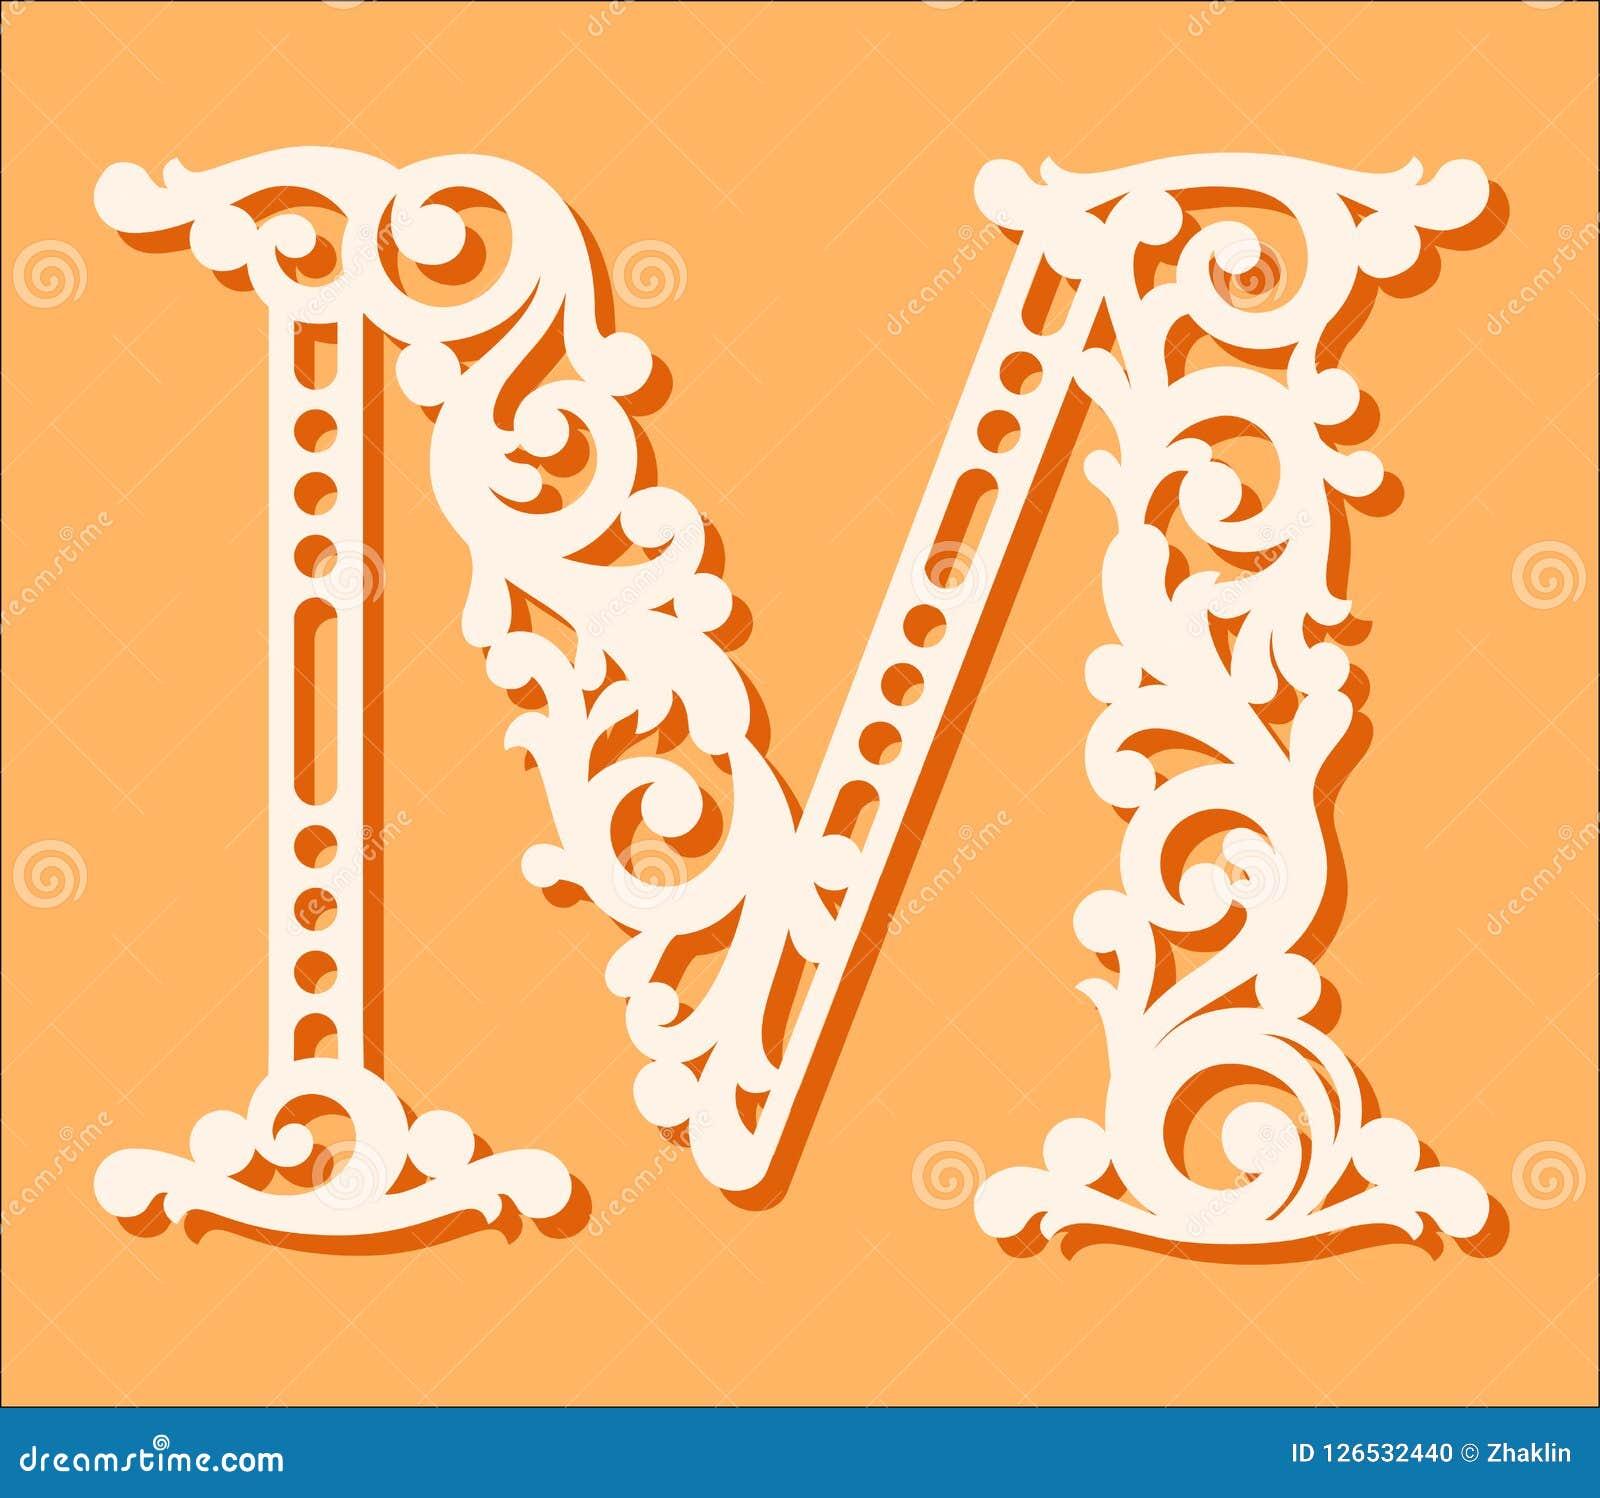 Laser Cut Template Initial Monogram Letters Fancy Floral Alphabet Letter